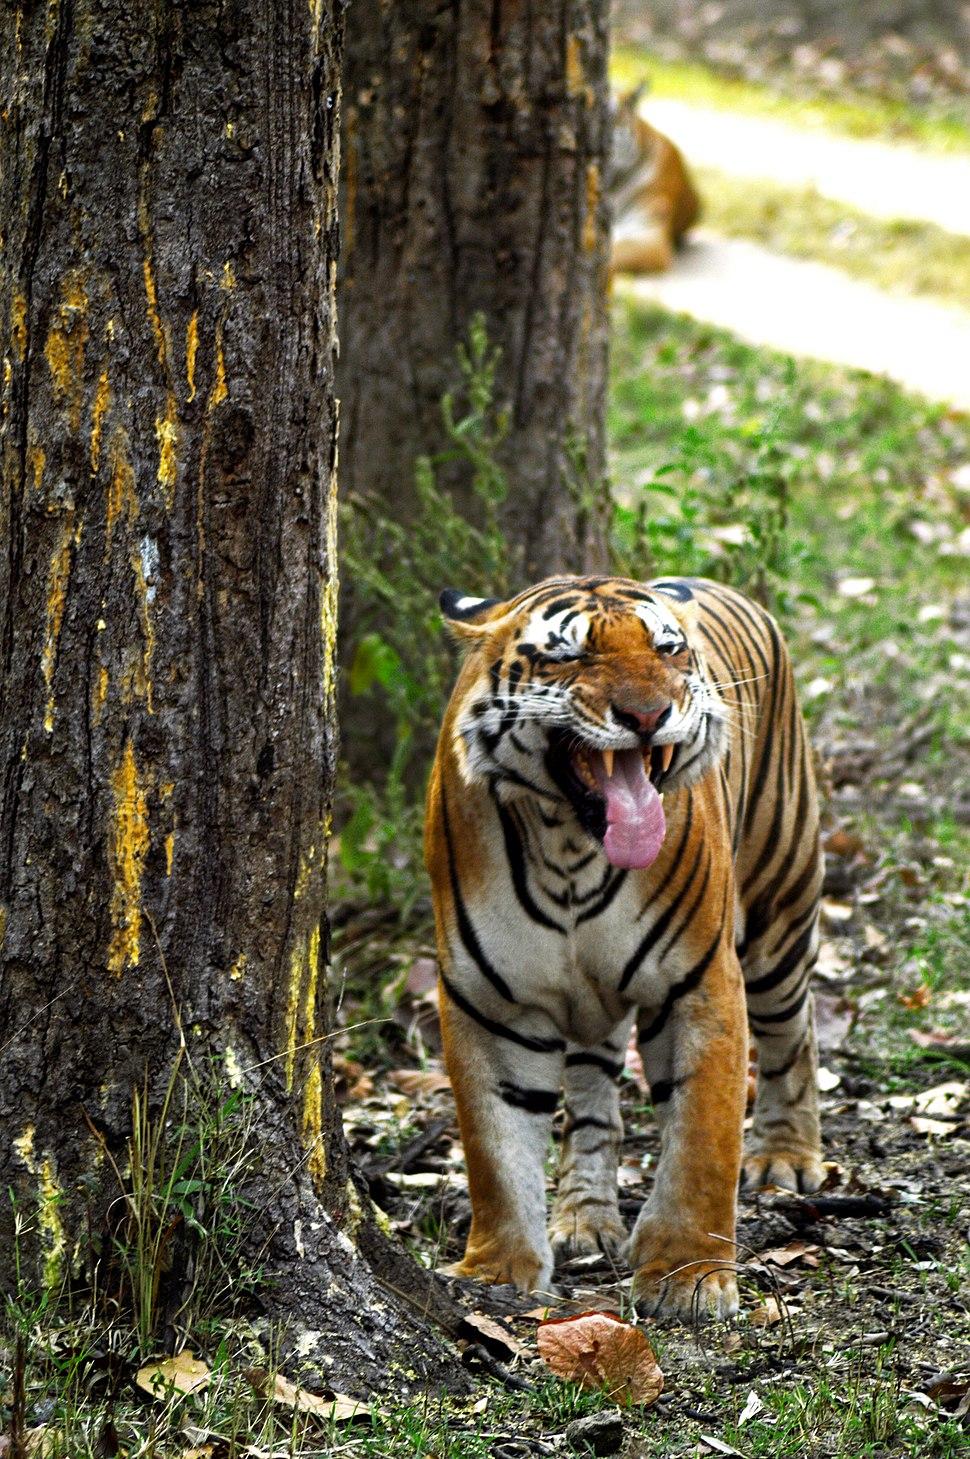 Tiger's Flehmen Response - Kanha National Park